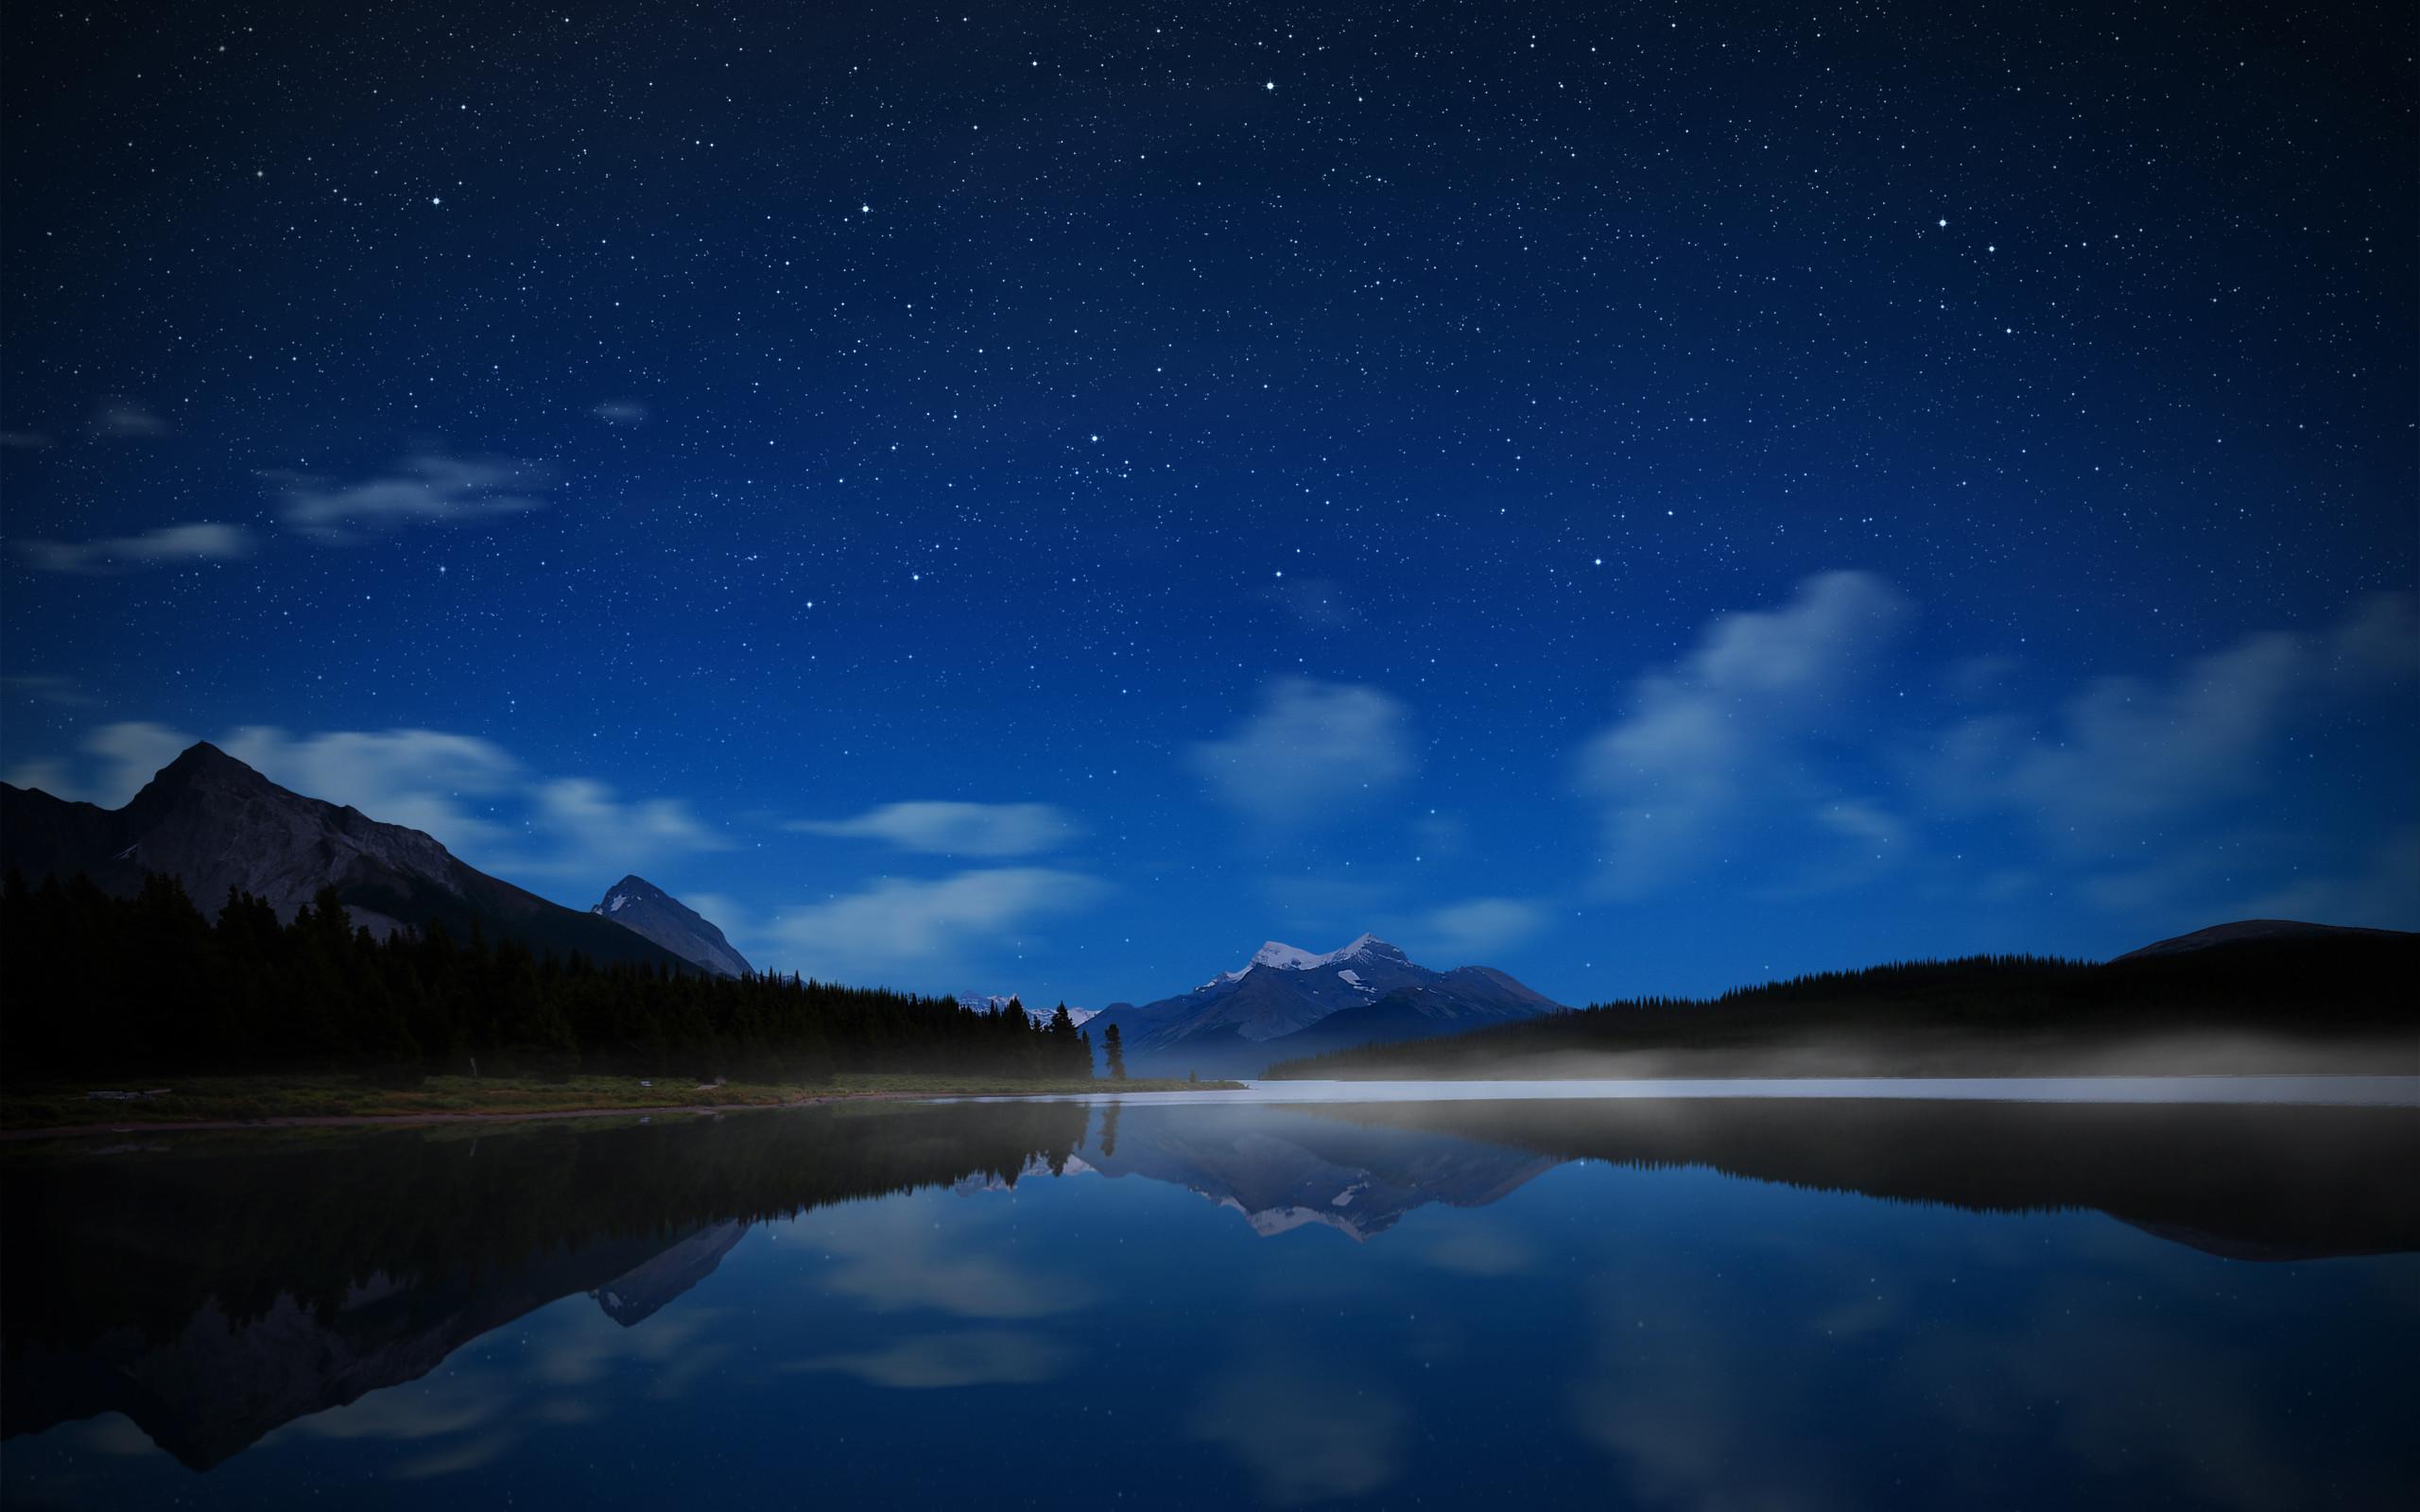 Night Sky Wallpaper 11278